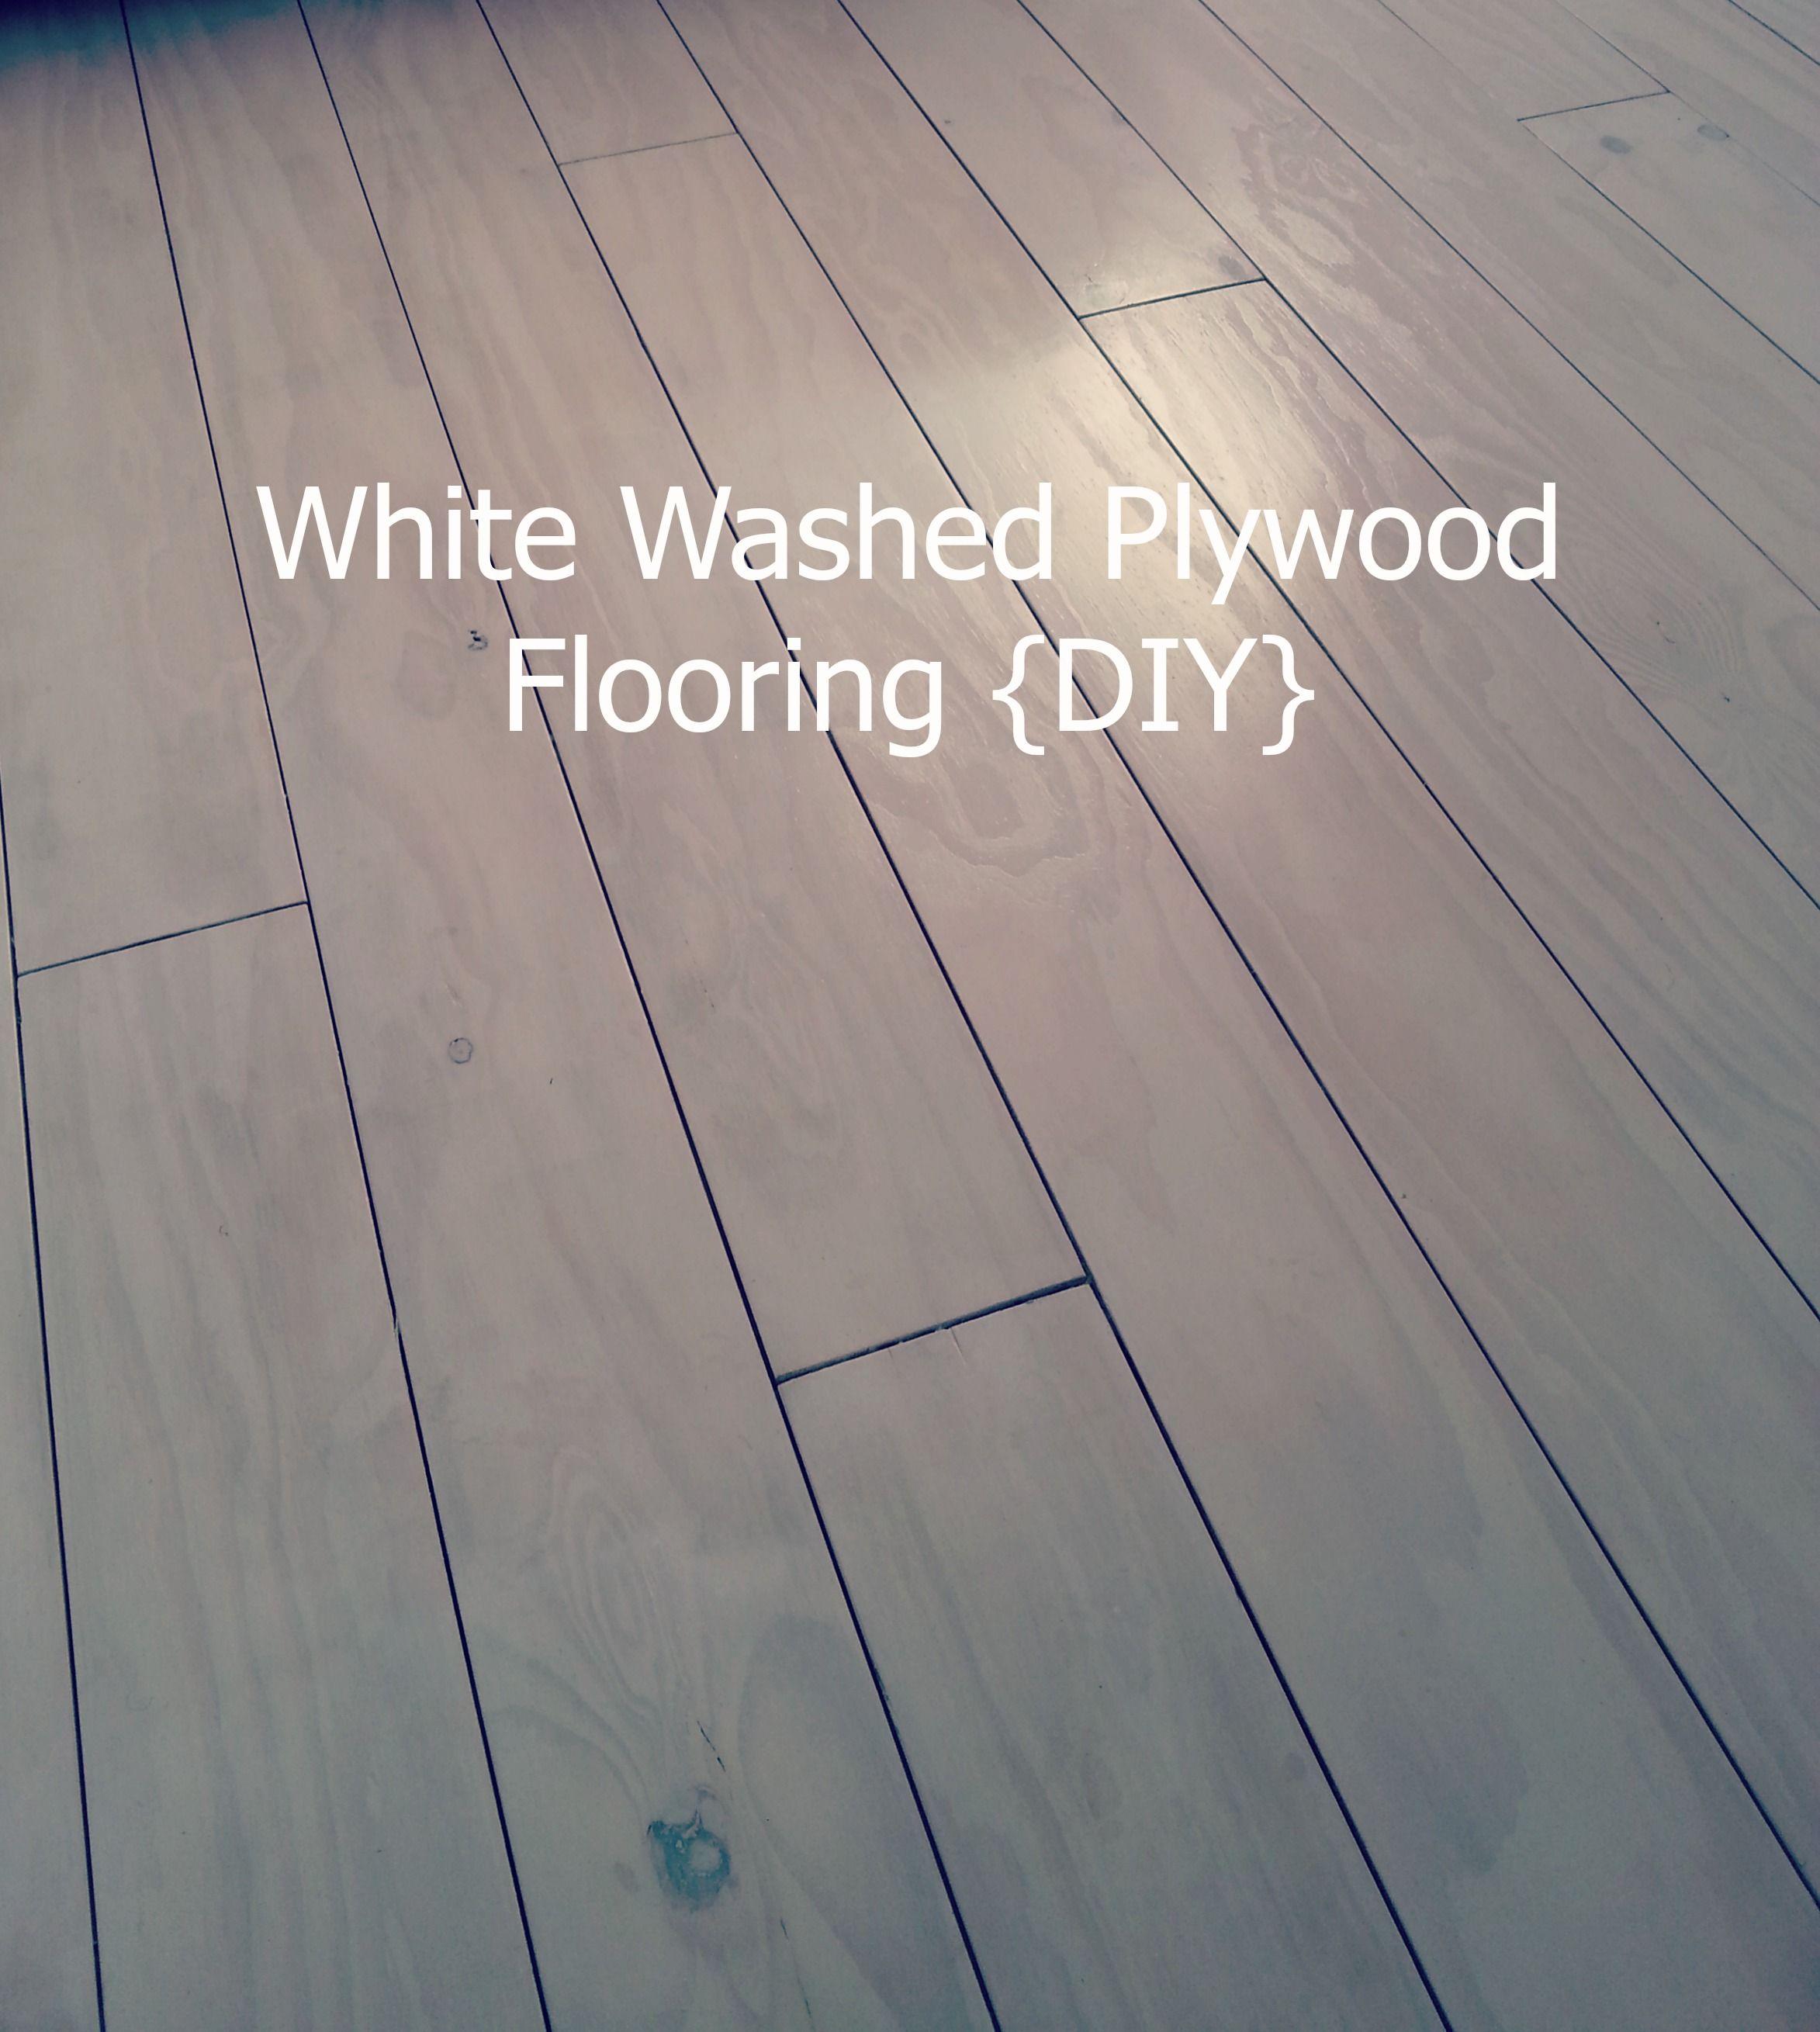 White Washed Plywood Flooring Diy Plywood Flooring Diy Plywood Flooring Diy Flooring